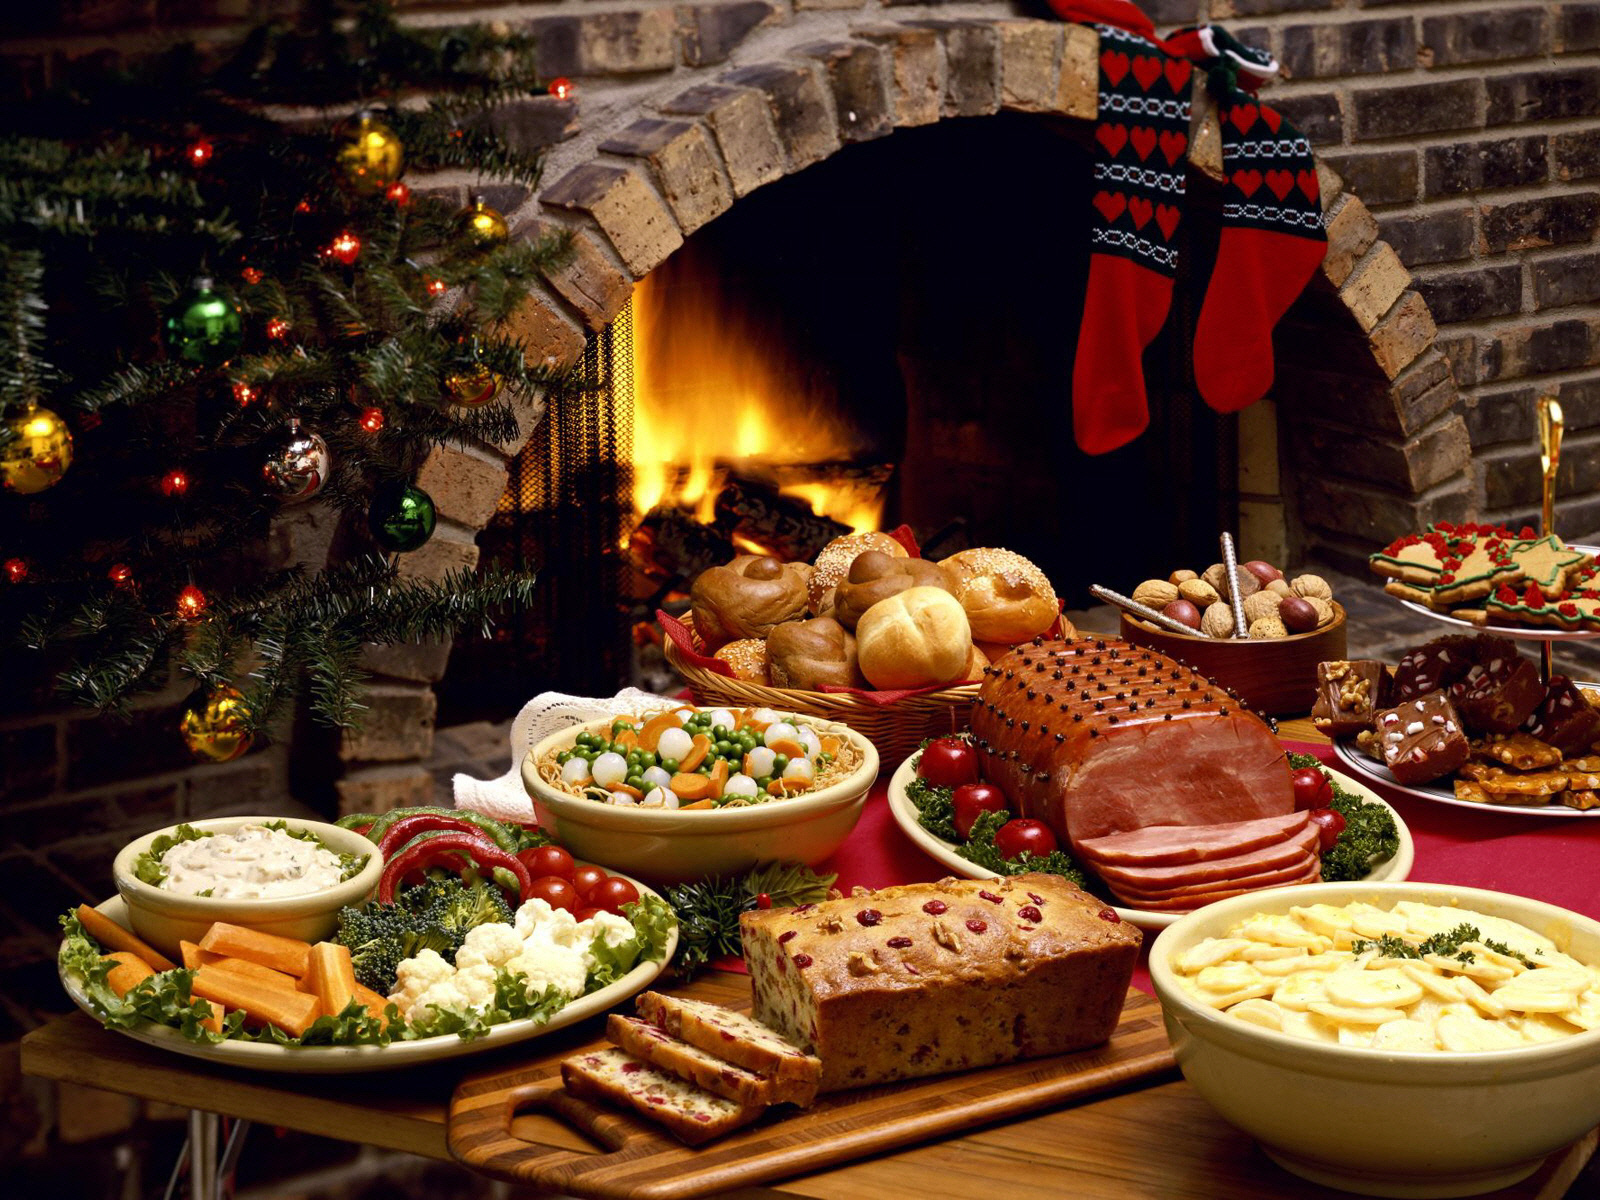 gran-cena-de-navidad-206782